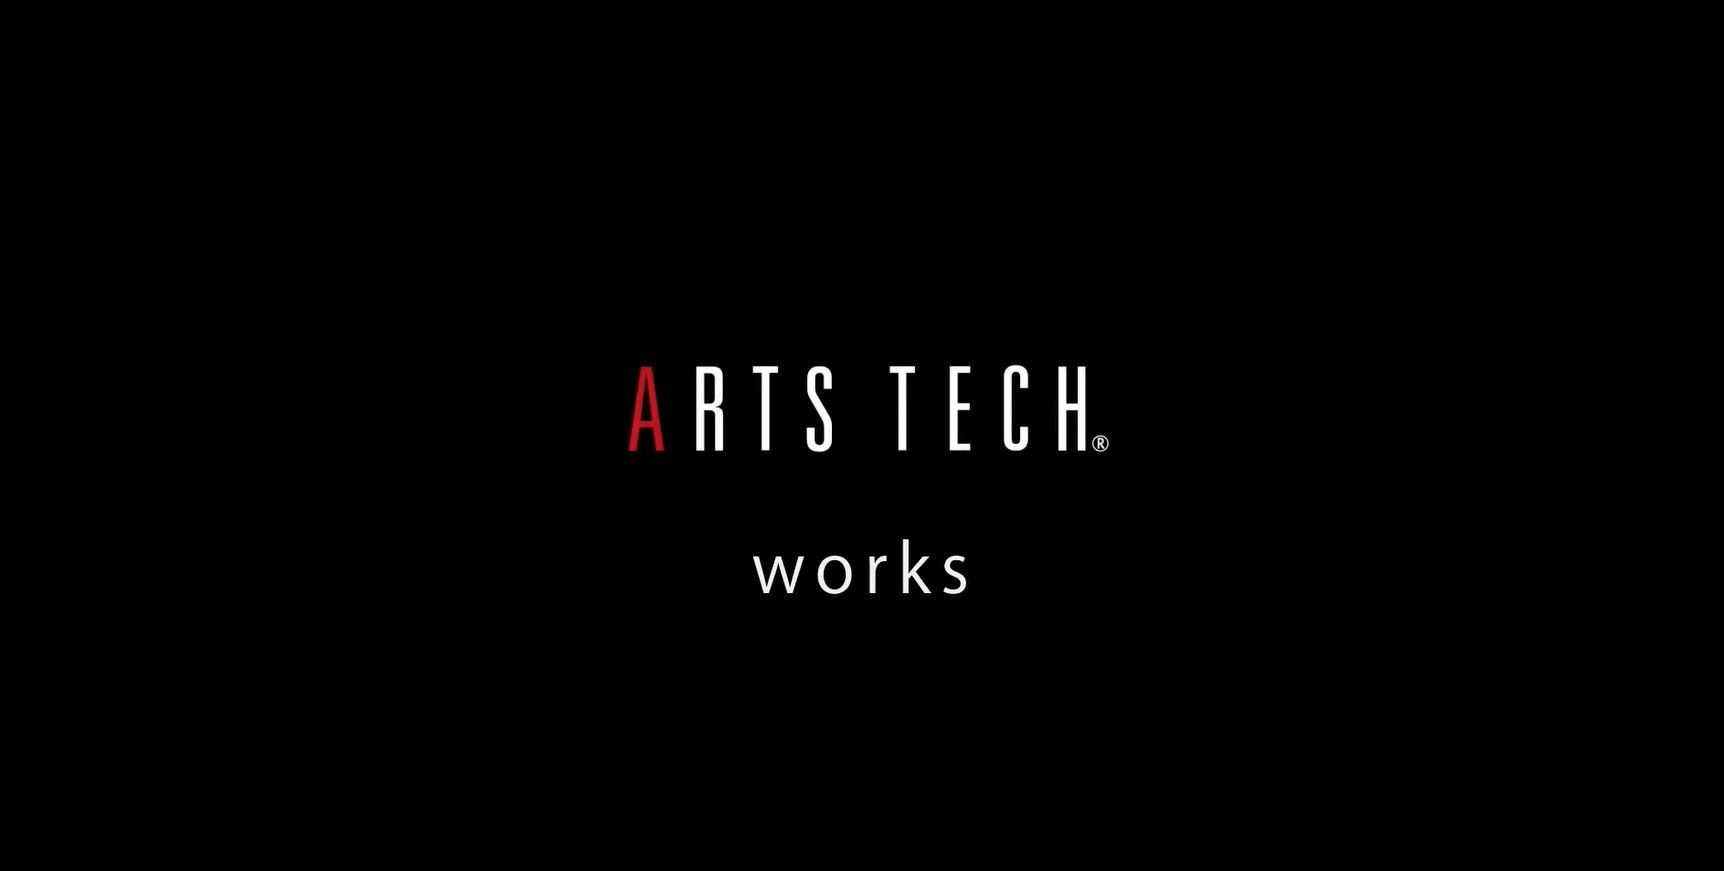 ARTS TECH 2021